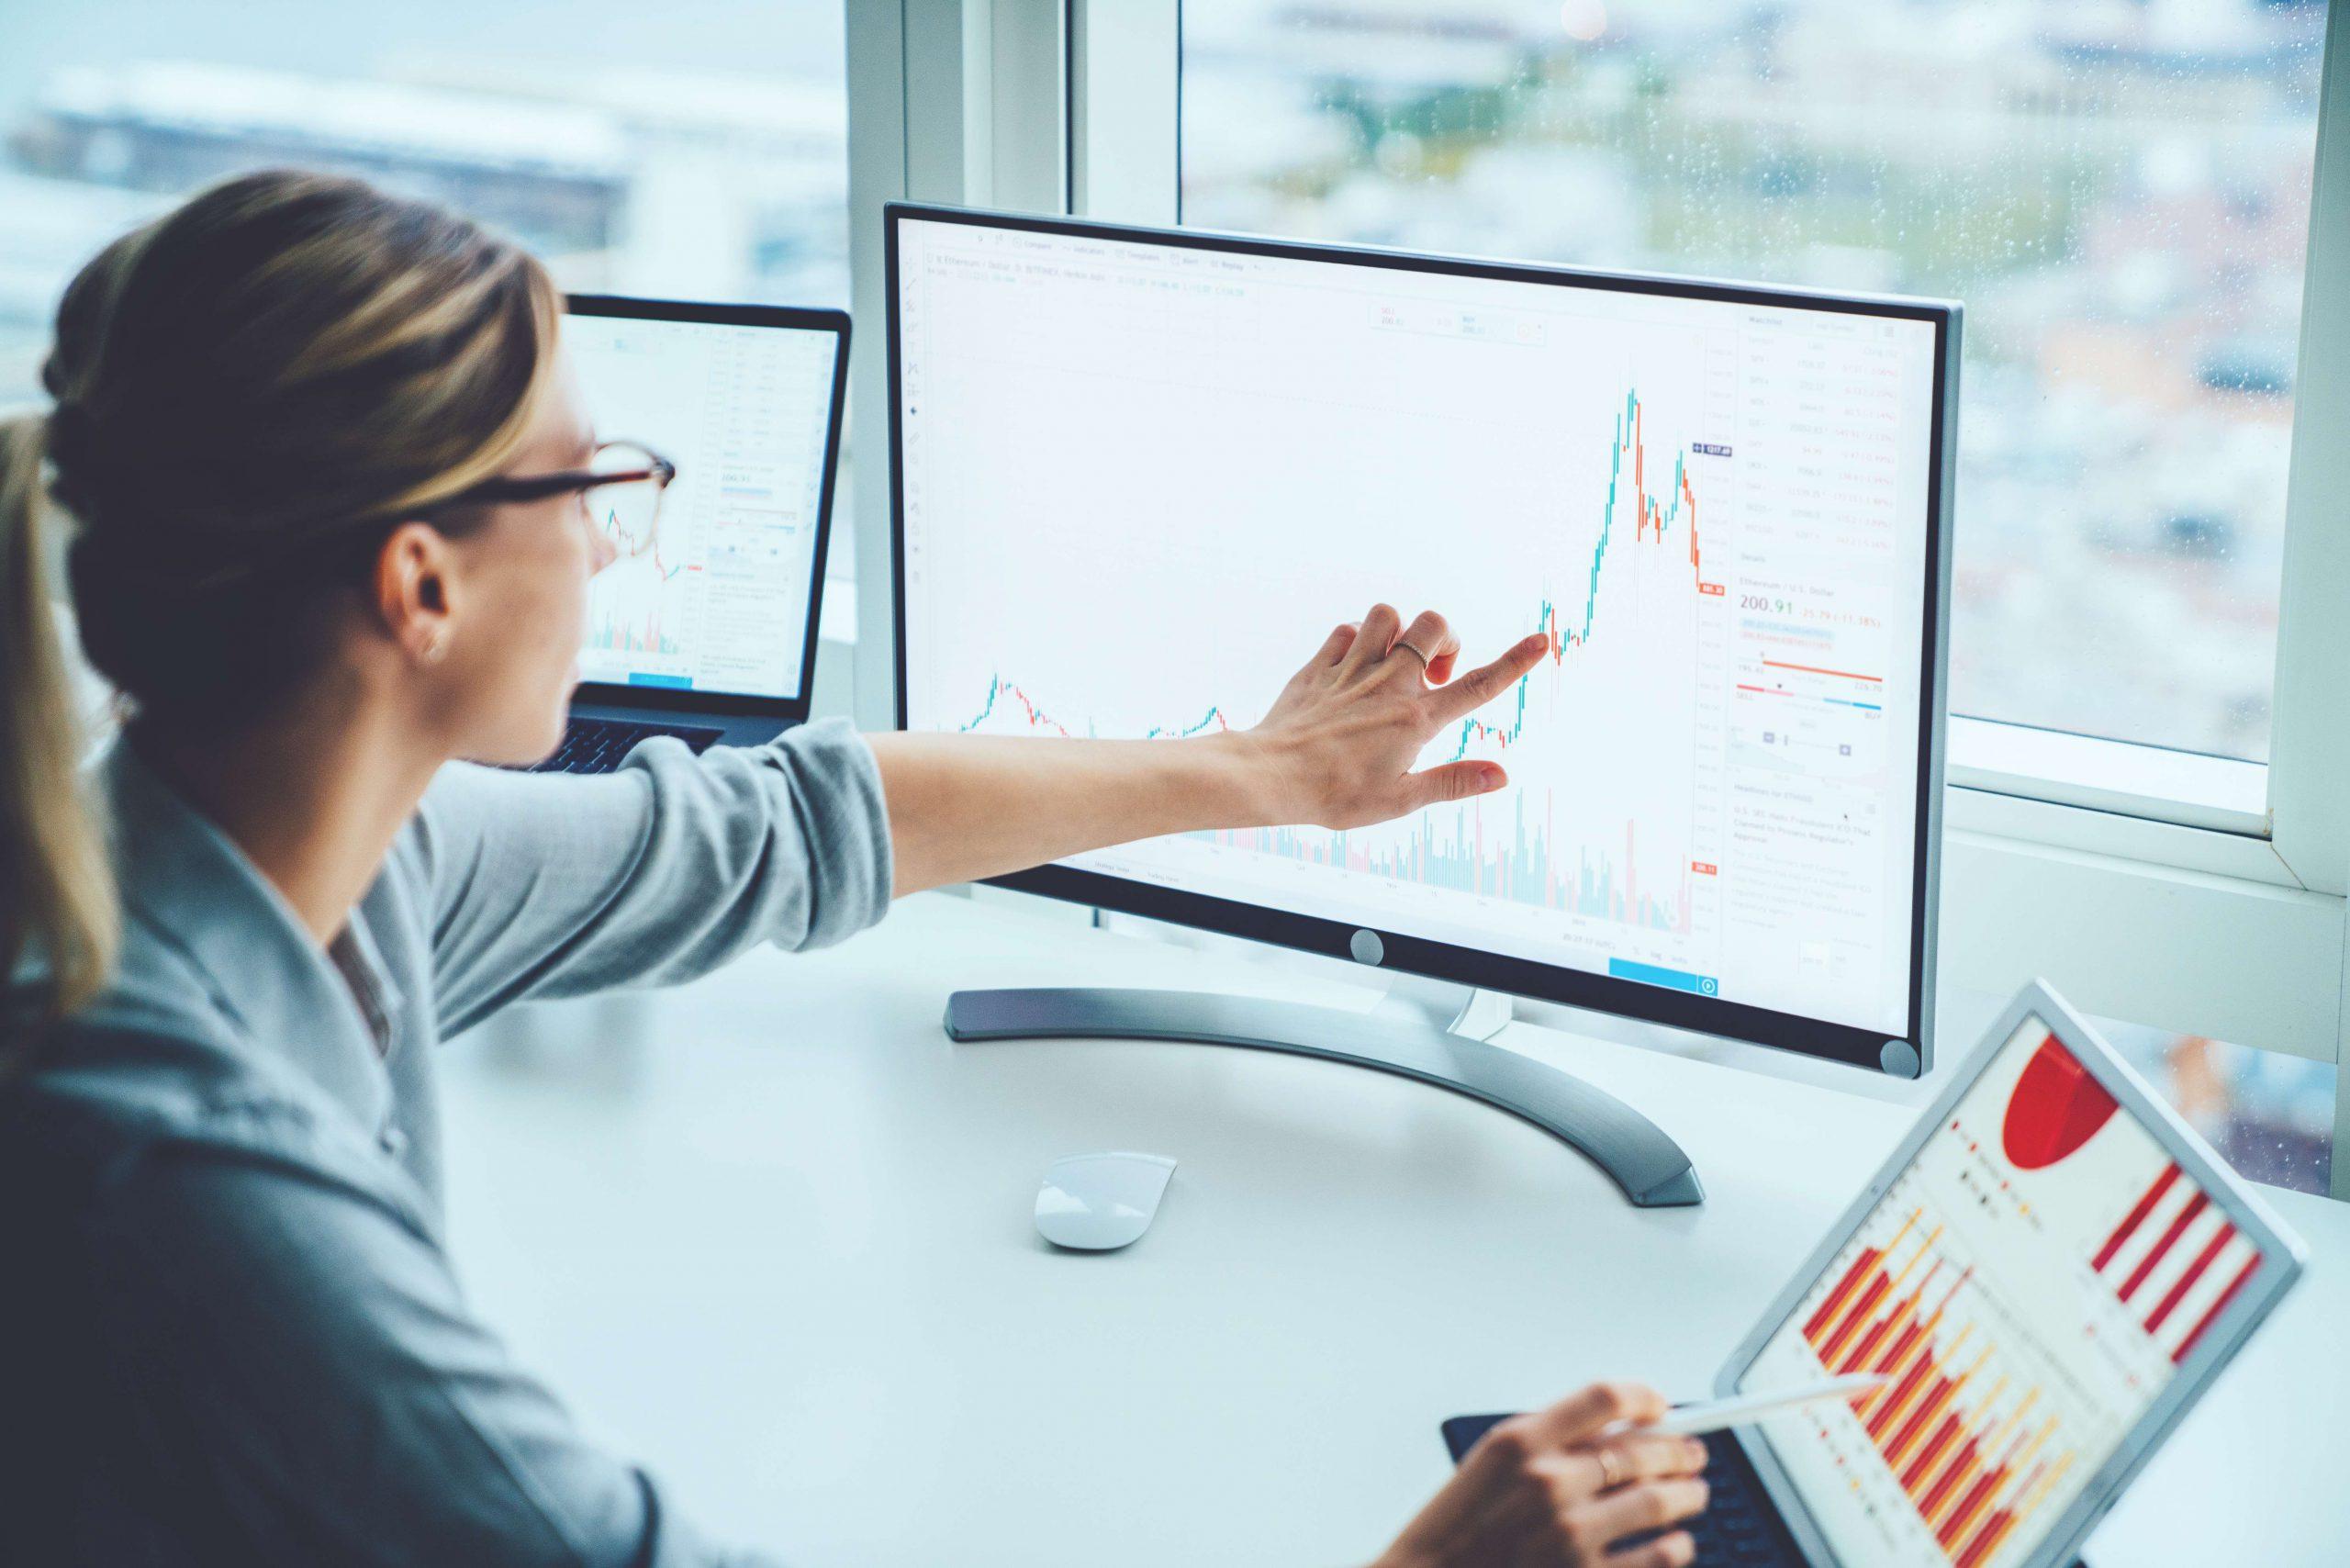 О том, что представляет собой процесс листинга на биржах